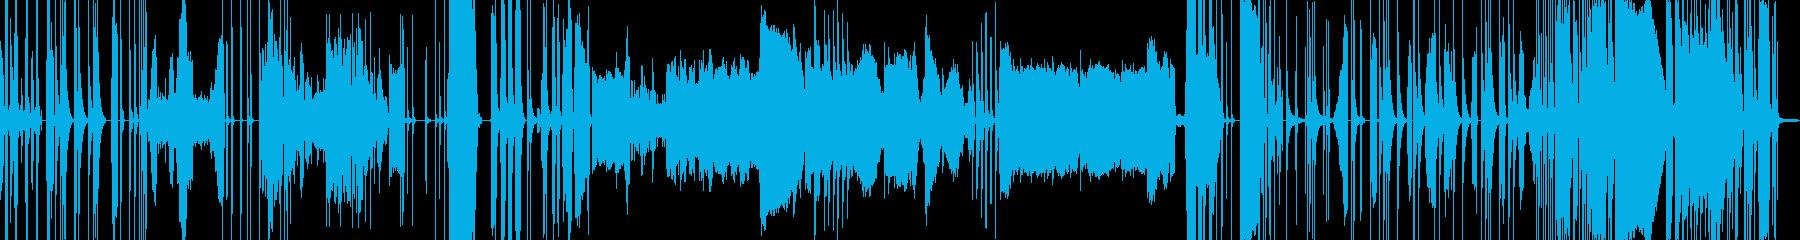 電子-アンビエント-チルアウト。オ...の再生済みの波形